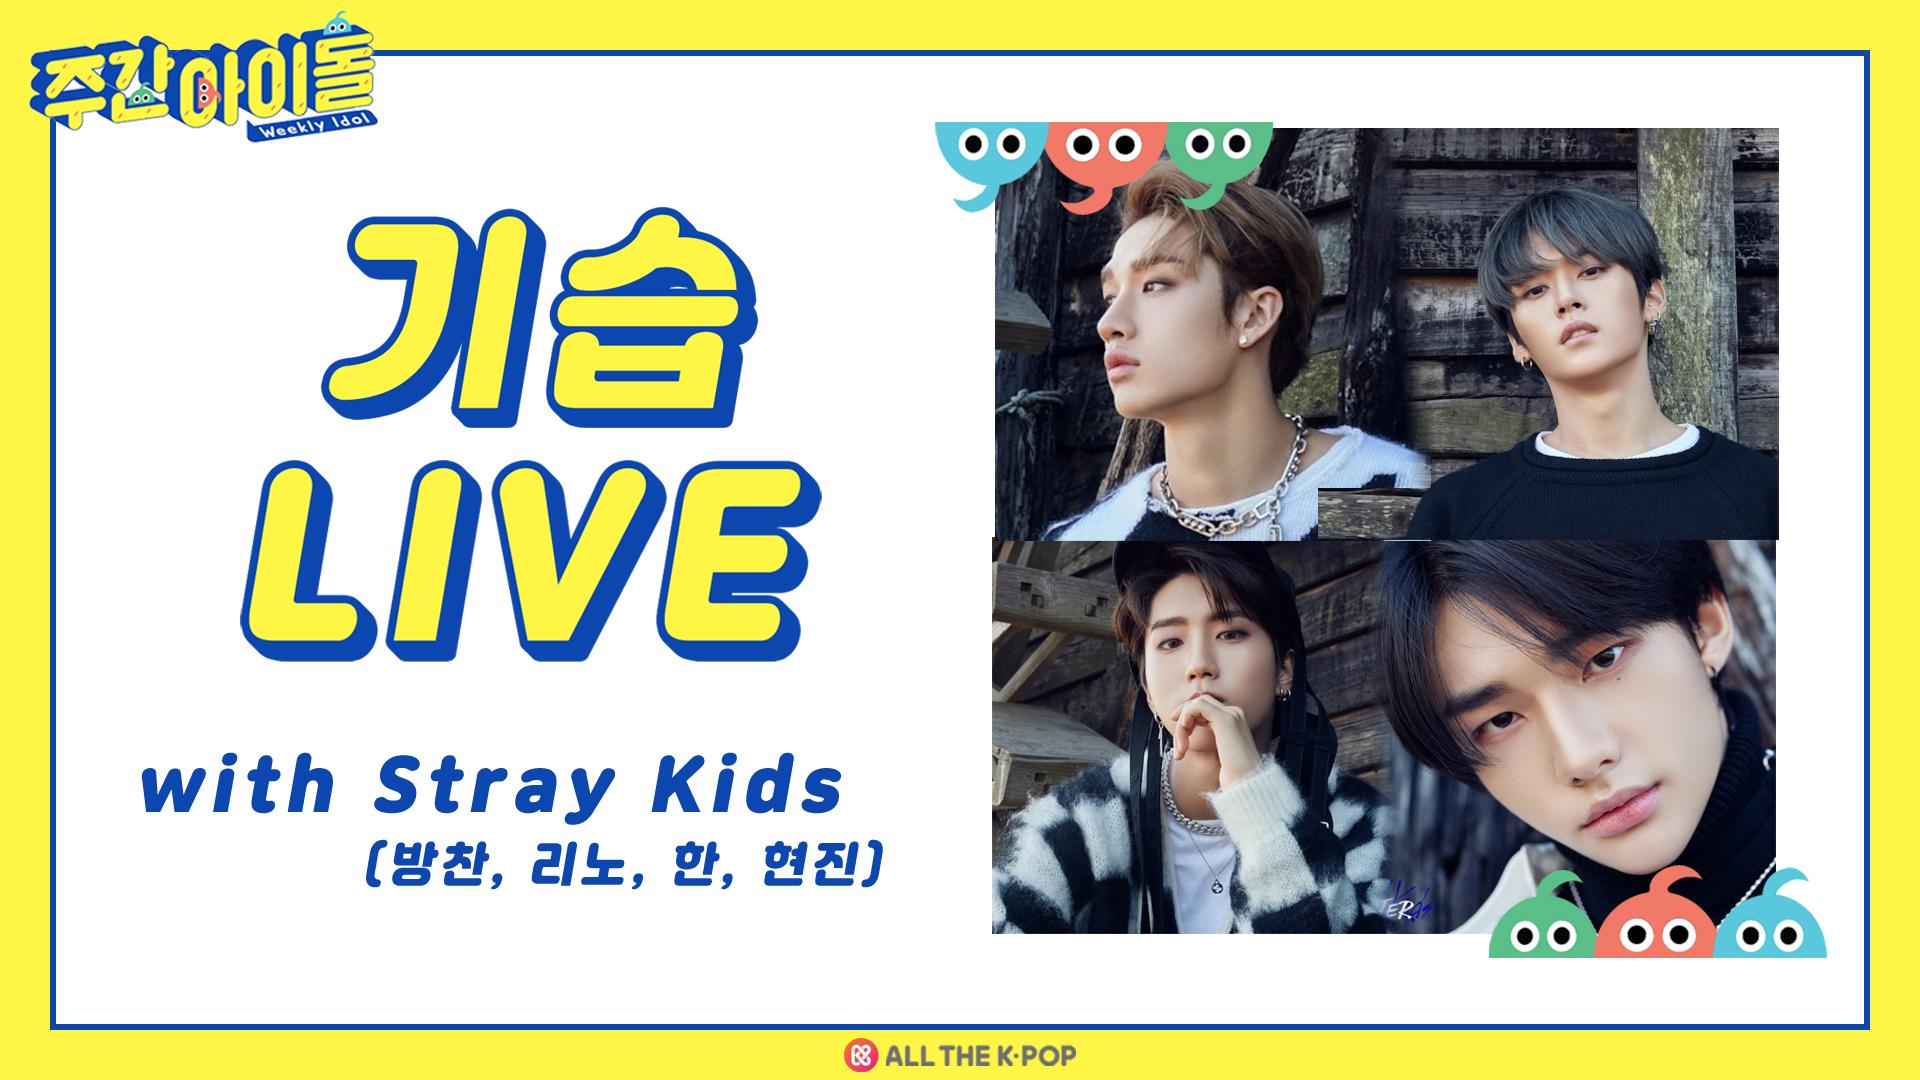 [주간아이돌] 기습 라이브 with 스트레이키즈 (방찬, 리노, 한, 현진)